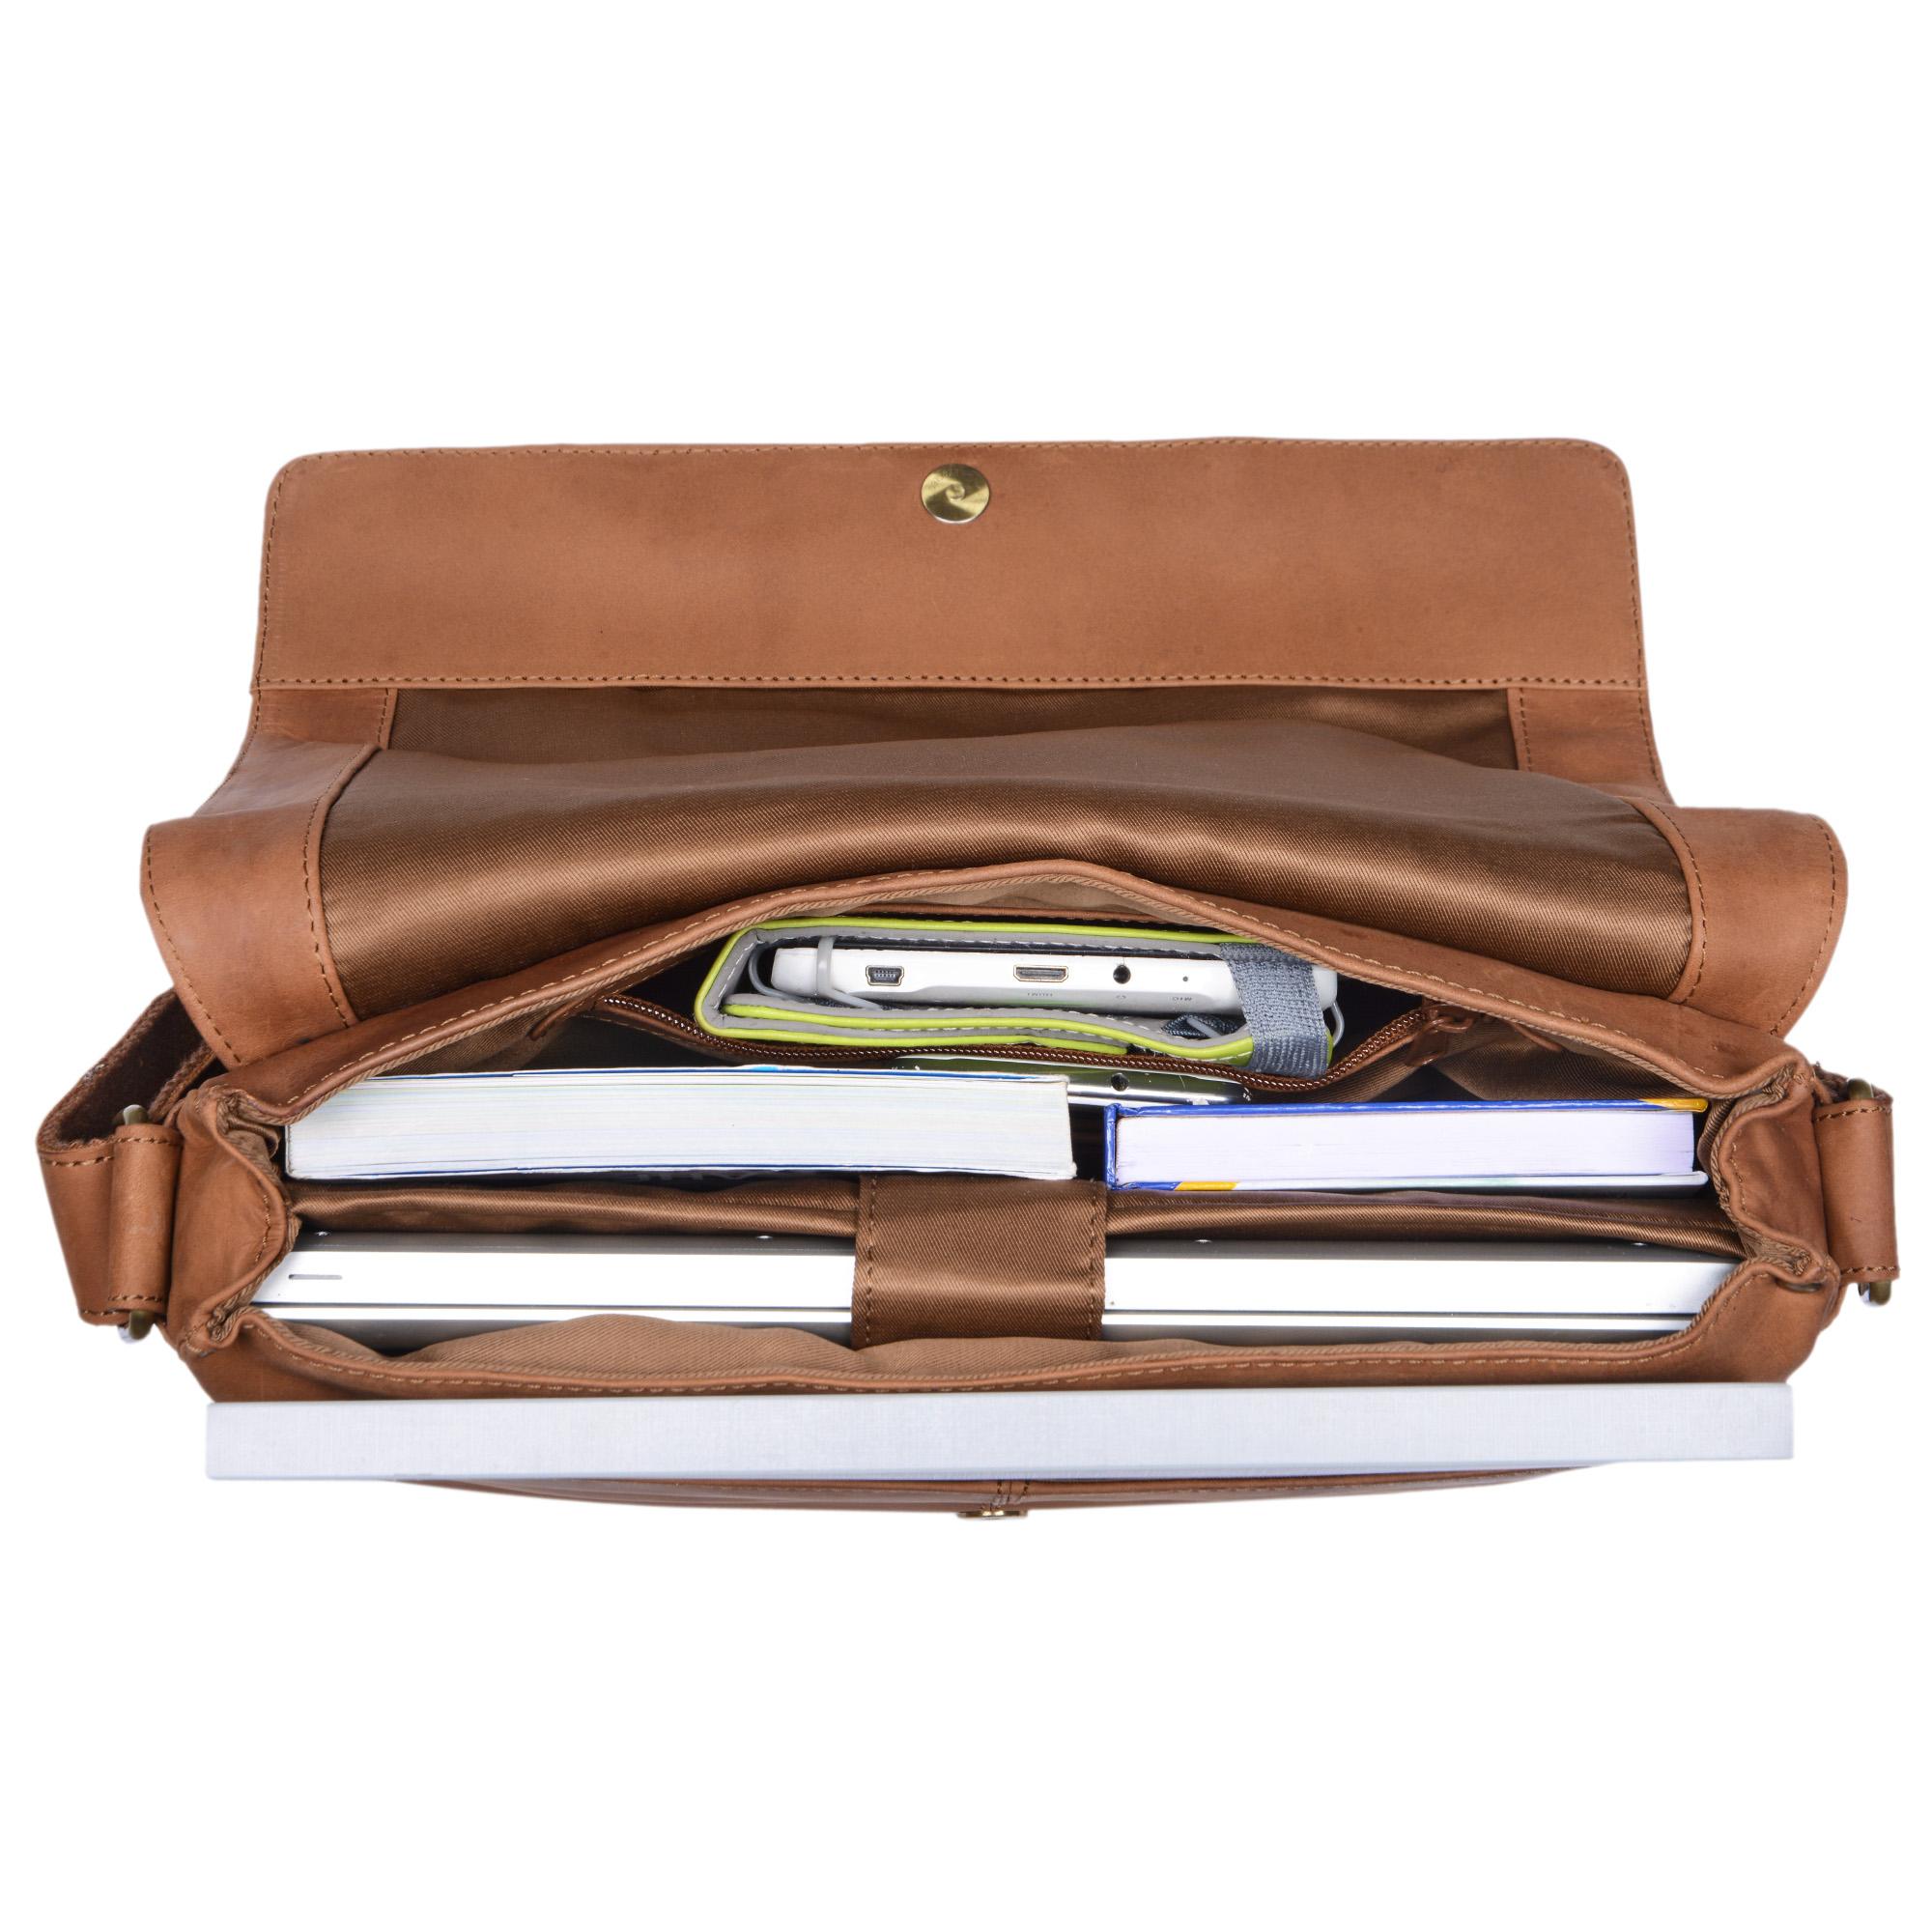 """STILORD """"Till"""" Leder Umhängetasche 13 Zoll große Vintage Schultertasche für Herren Damen Laptoptasche DIN A4 Unitasche Bürotasche aus echtem Büffel-Leder - Bild 12"""